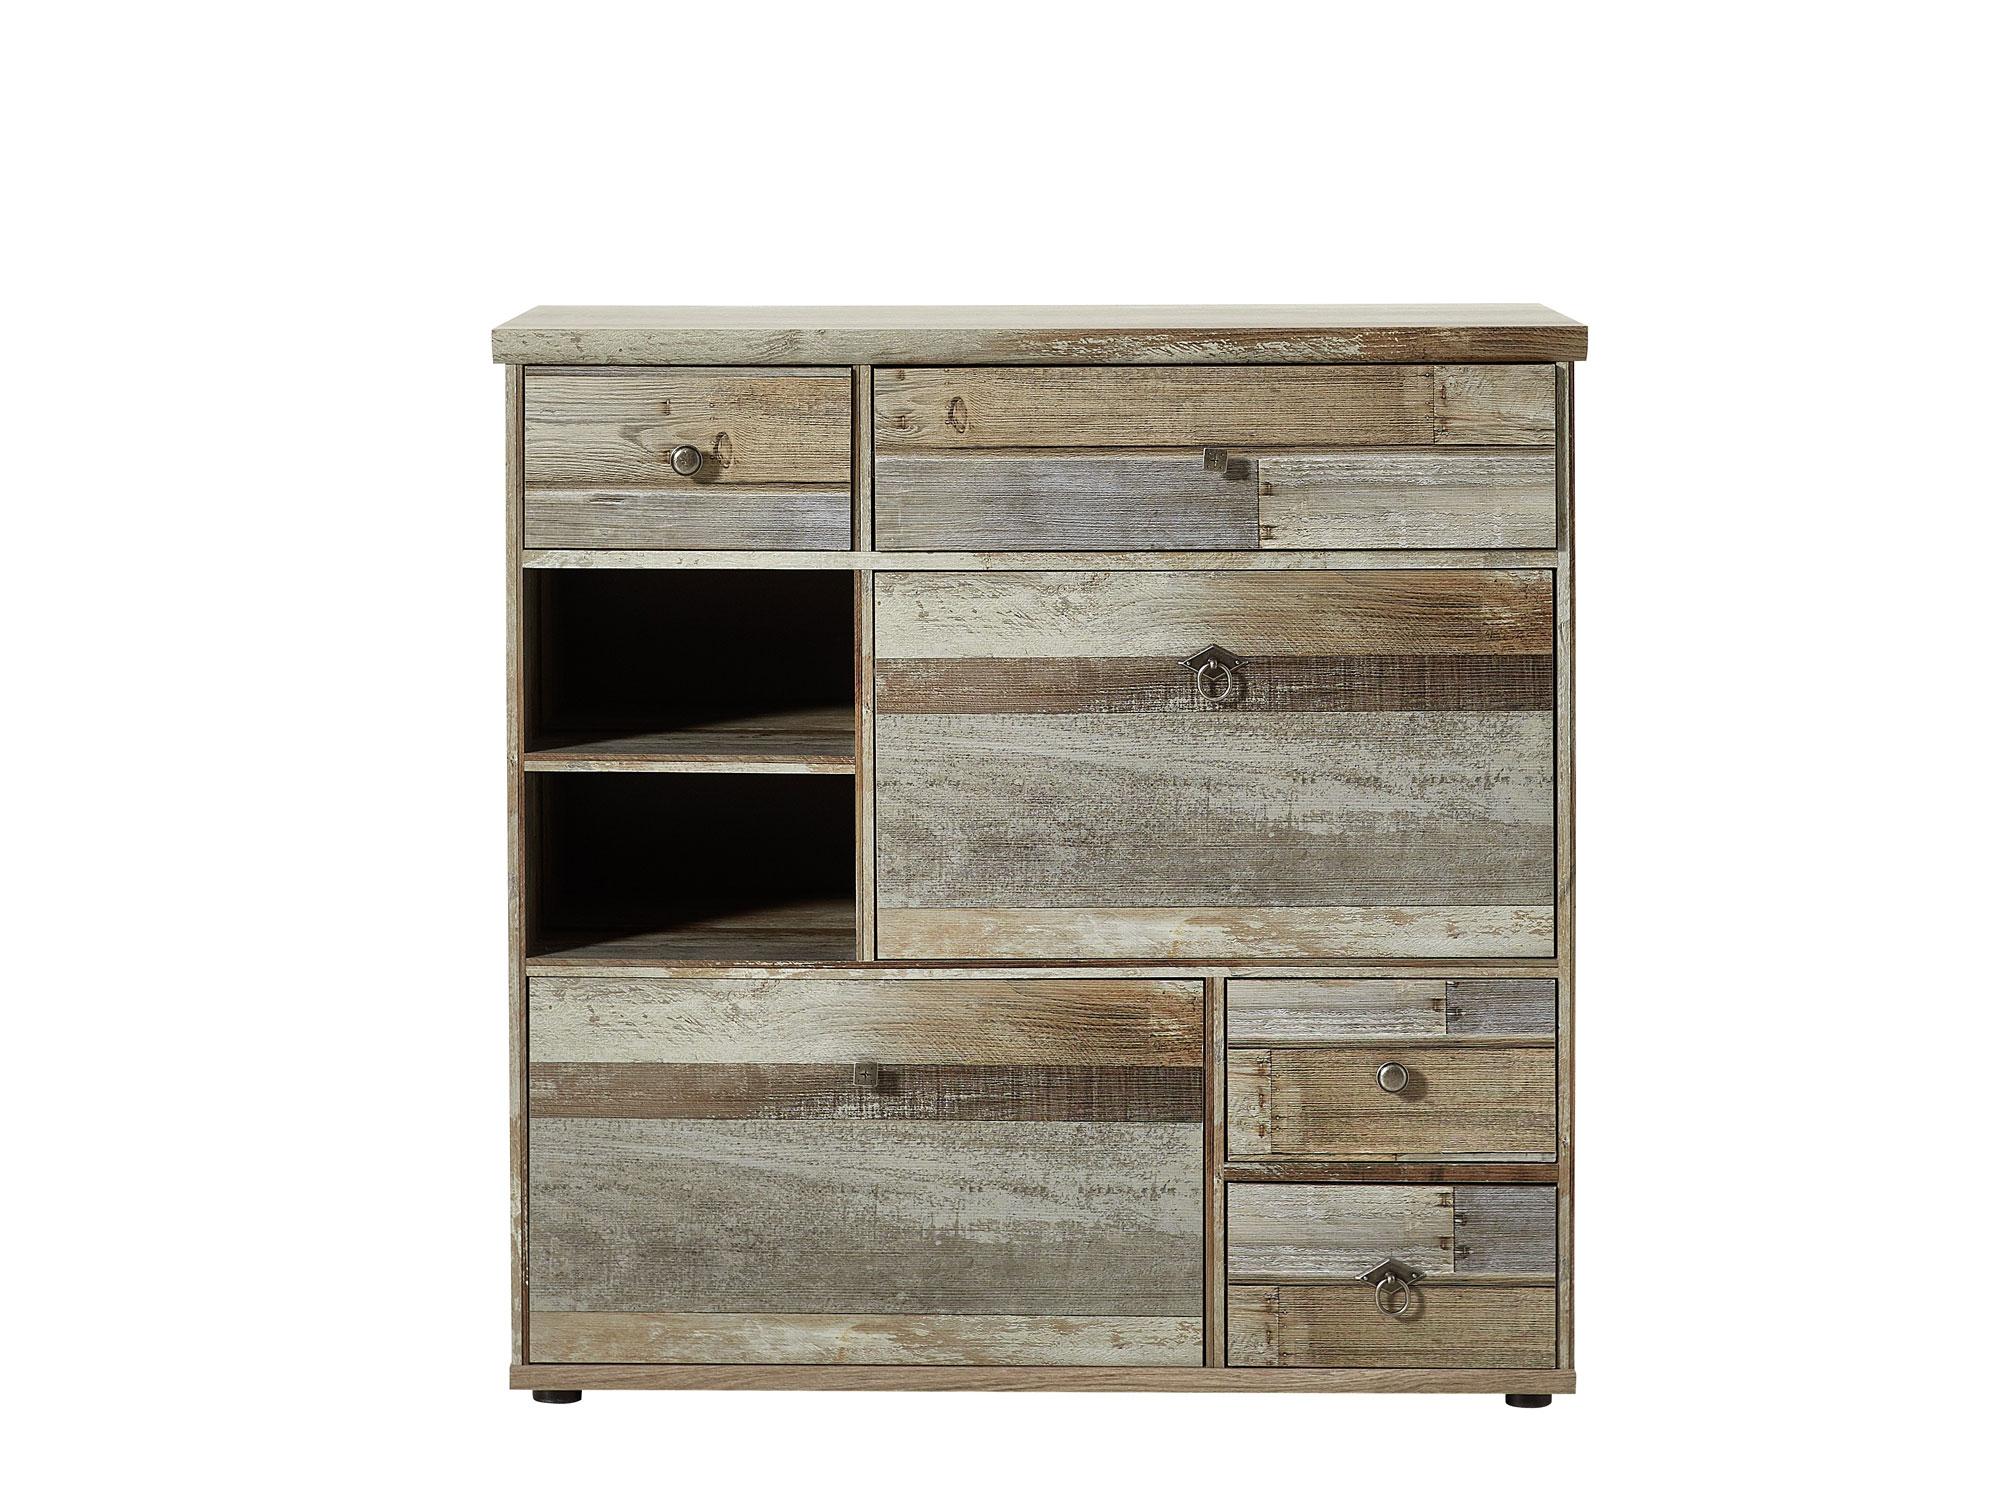 ausgezeichnet individuelle schuhschr nke bilder die kinderzimmer design ideen. Black Bedroom Furniture Sets. Home Design Ideas